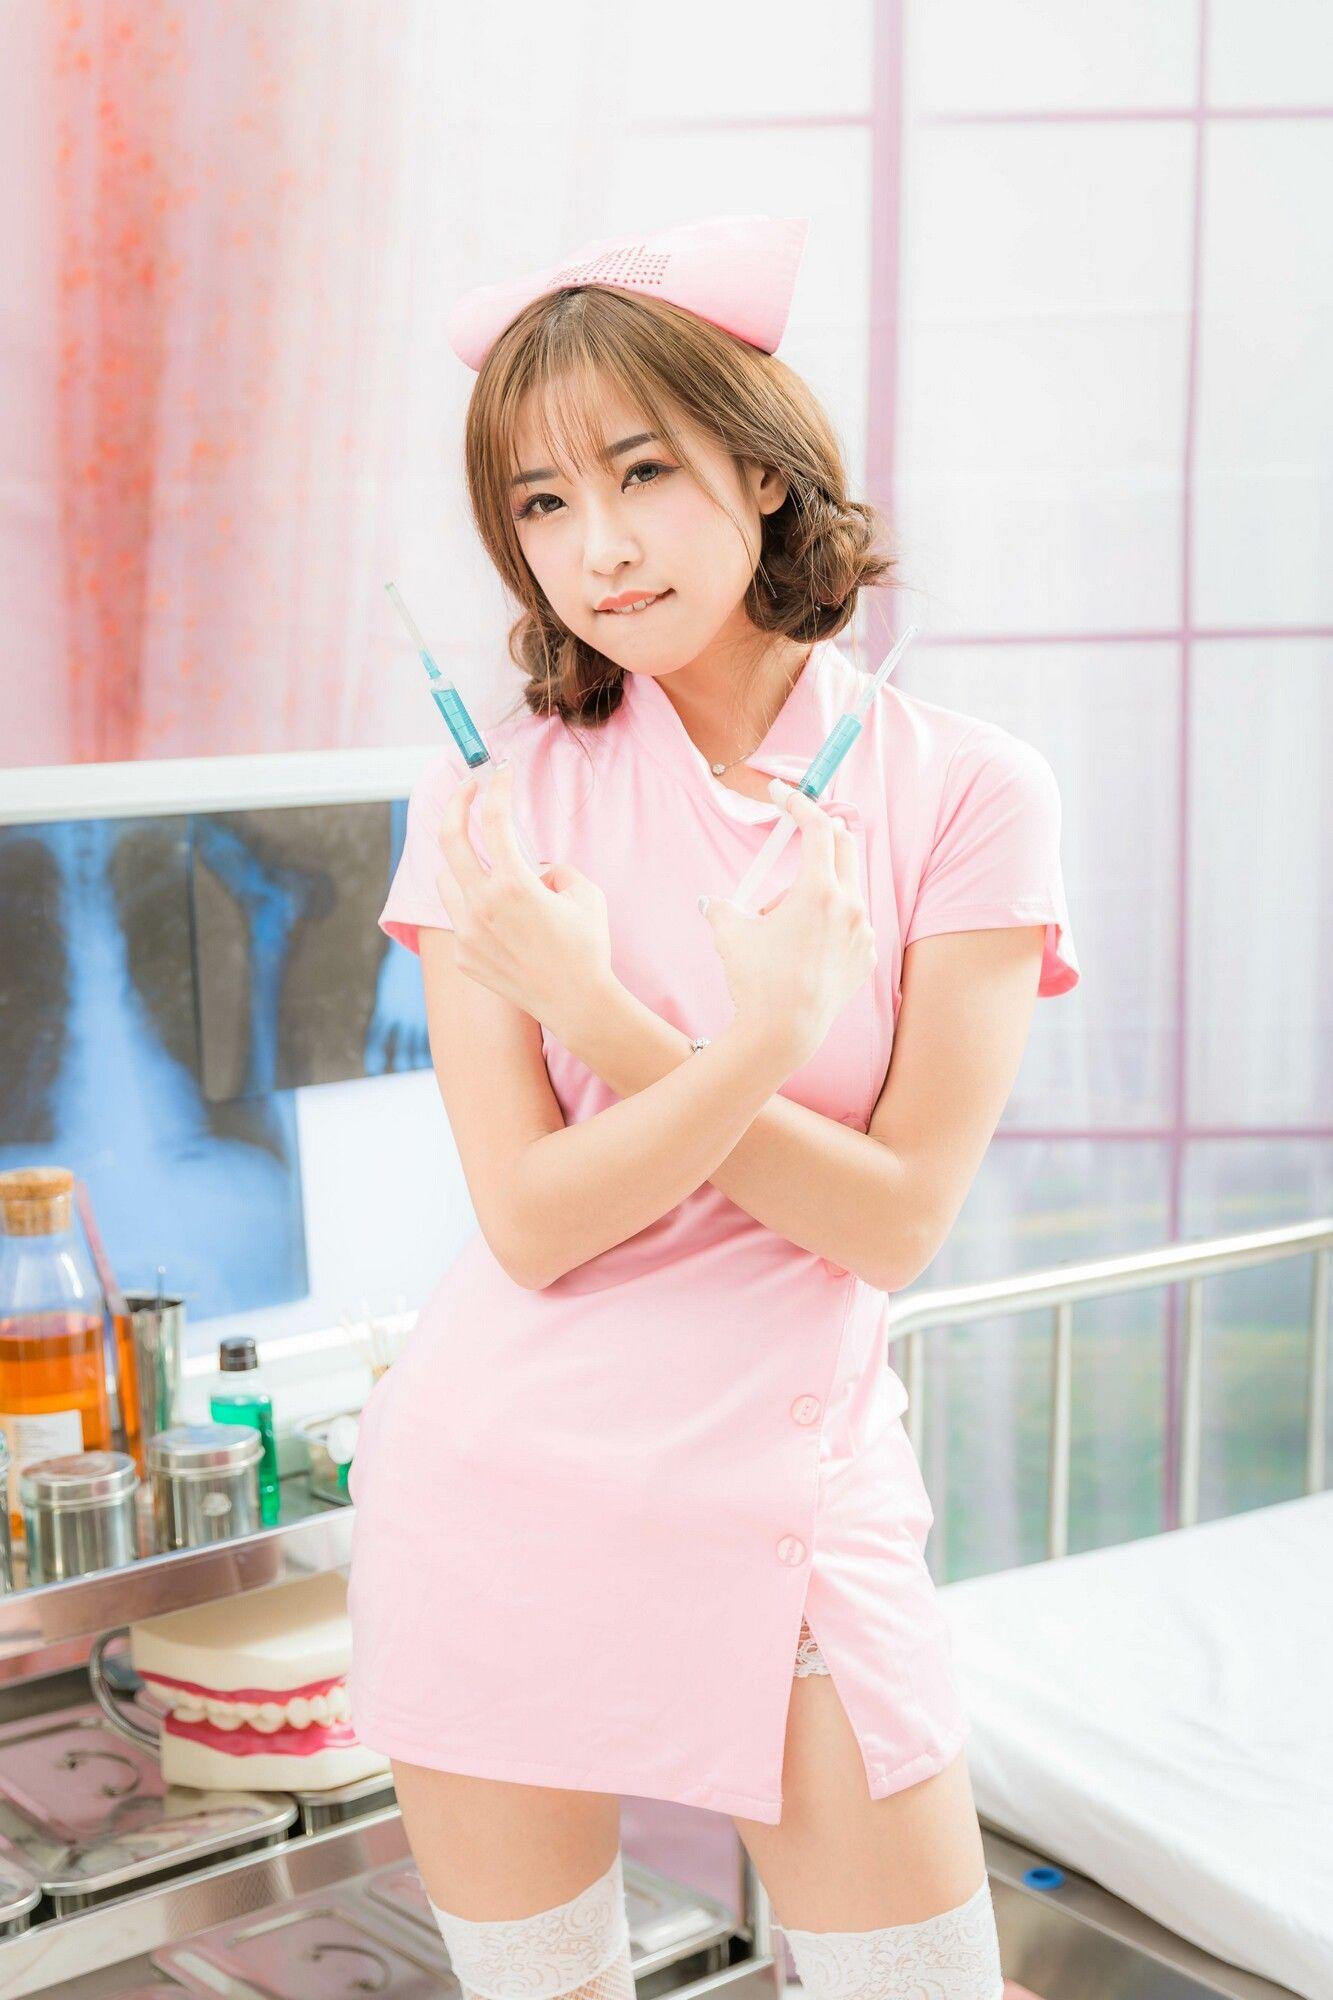 VOL.1159 [台湾正妹]圣诞粉嫩清纯护士制服:卡卡儿(CACA卡卡儿)超高清个人性感漂亮大图(21P)